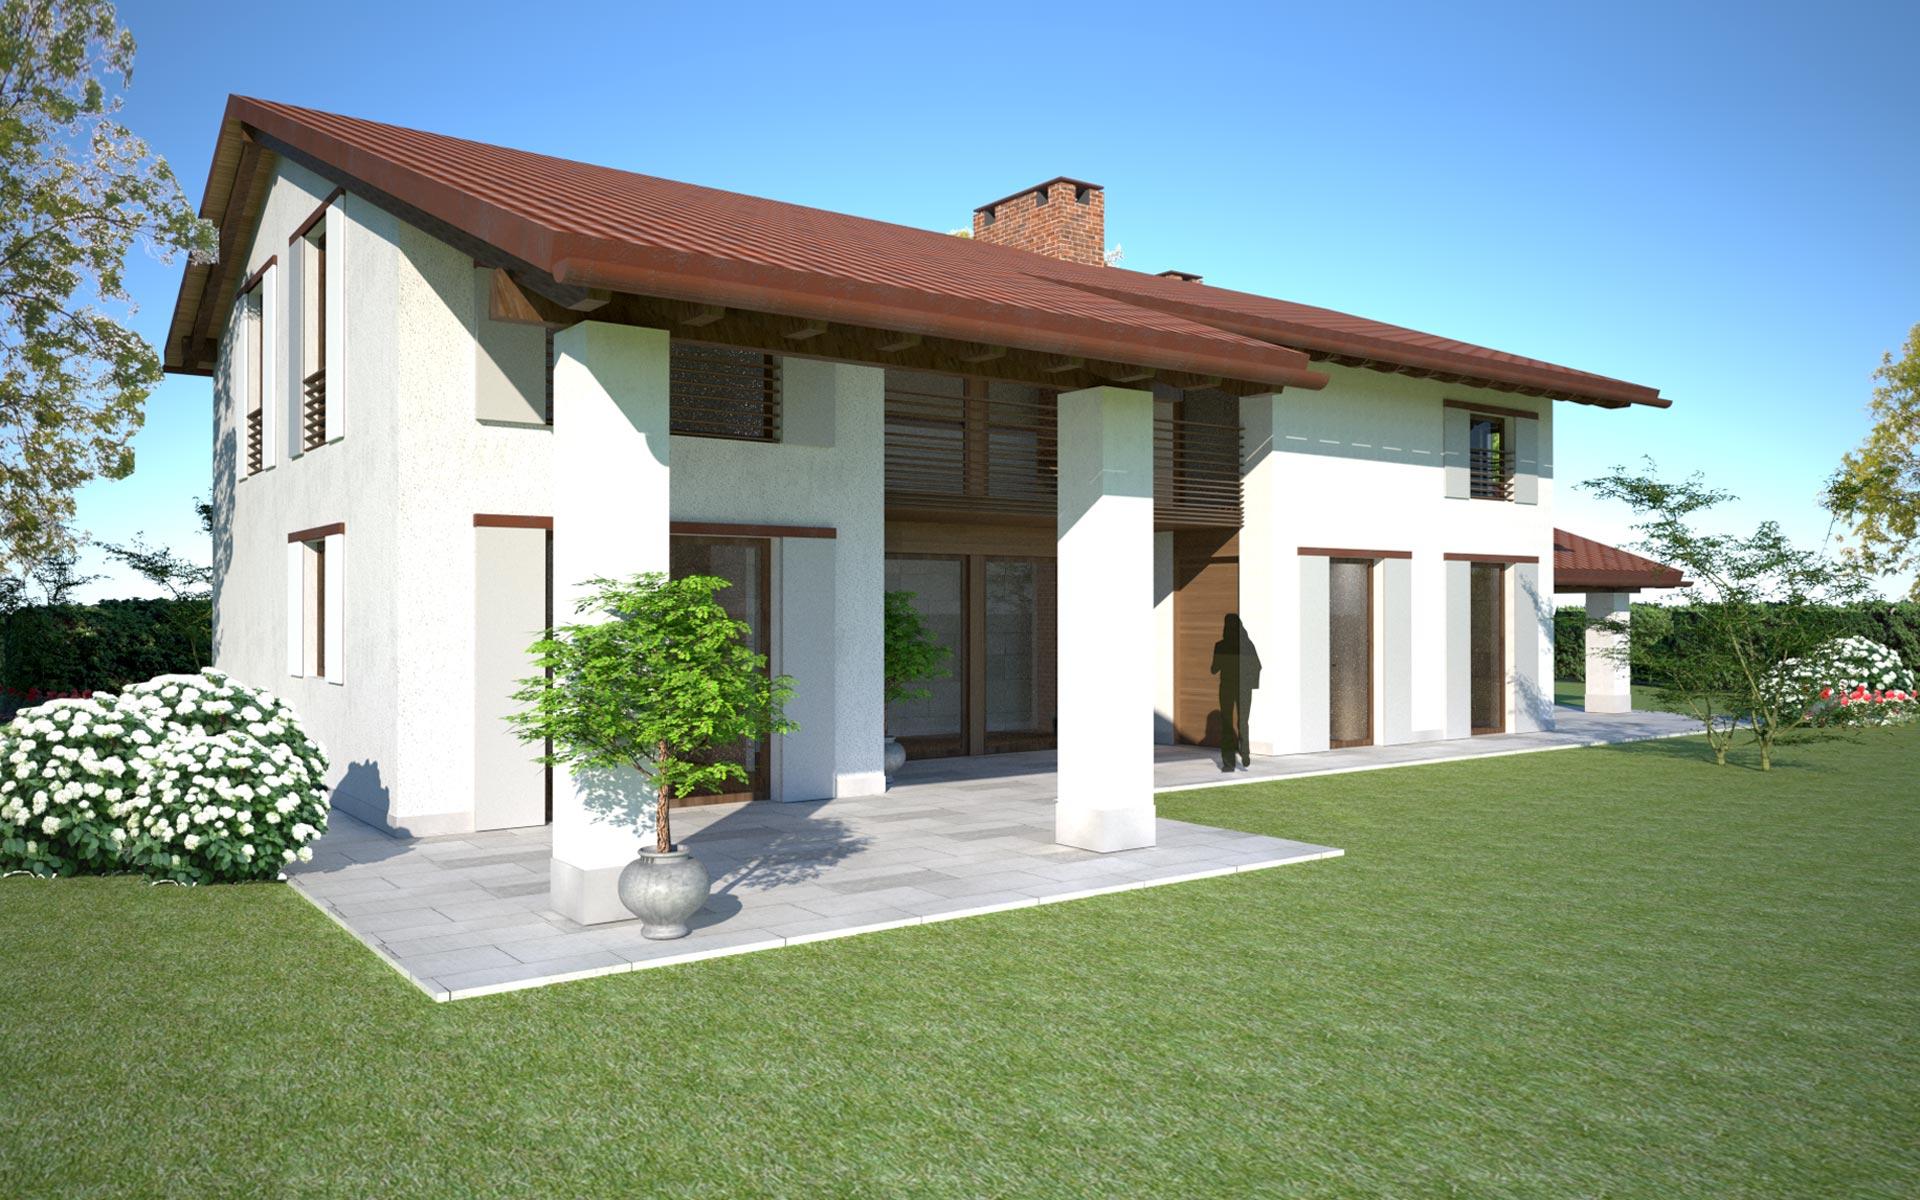 Casa con portico tutte le ville sono corredate di piscina for Piani di casa cottage con portici